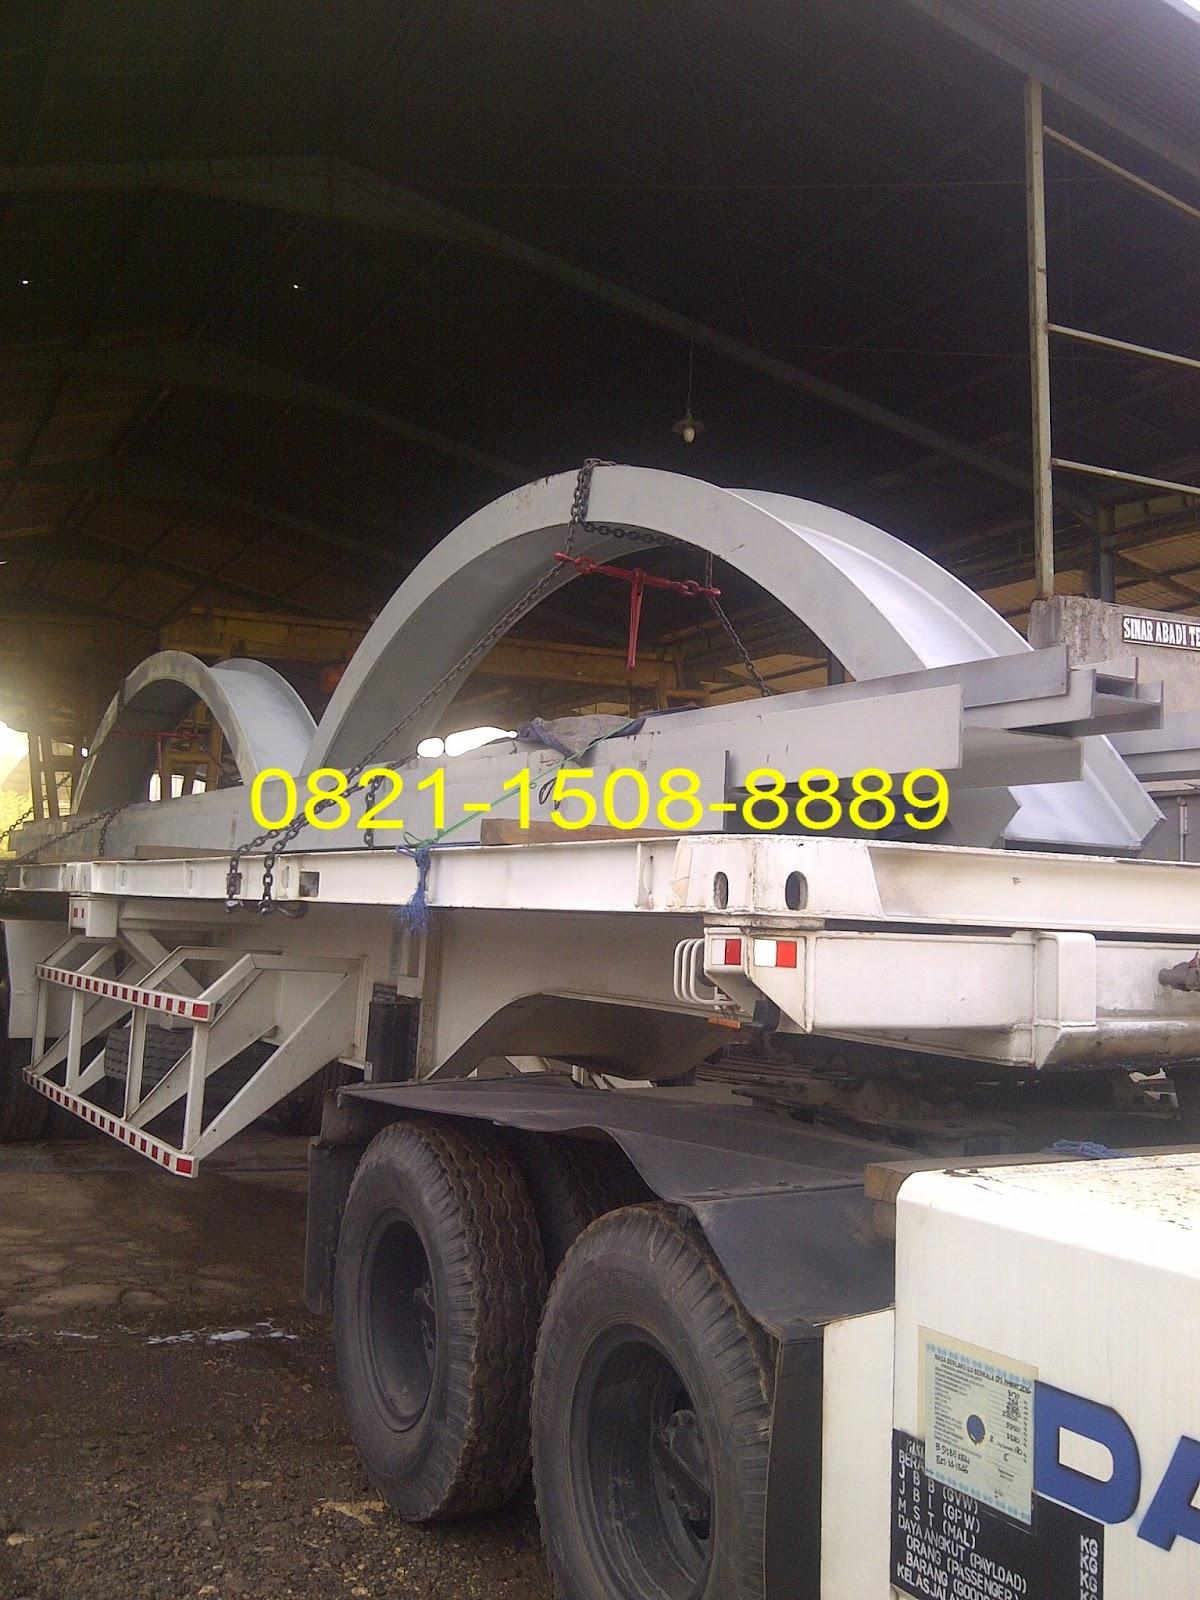 Jasa Pembuatan Crane Monorail Roll New Supra X 125 Fi Cast Wheel Energetic Red Kota Semarang Mobilisasi Wf 500x200